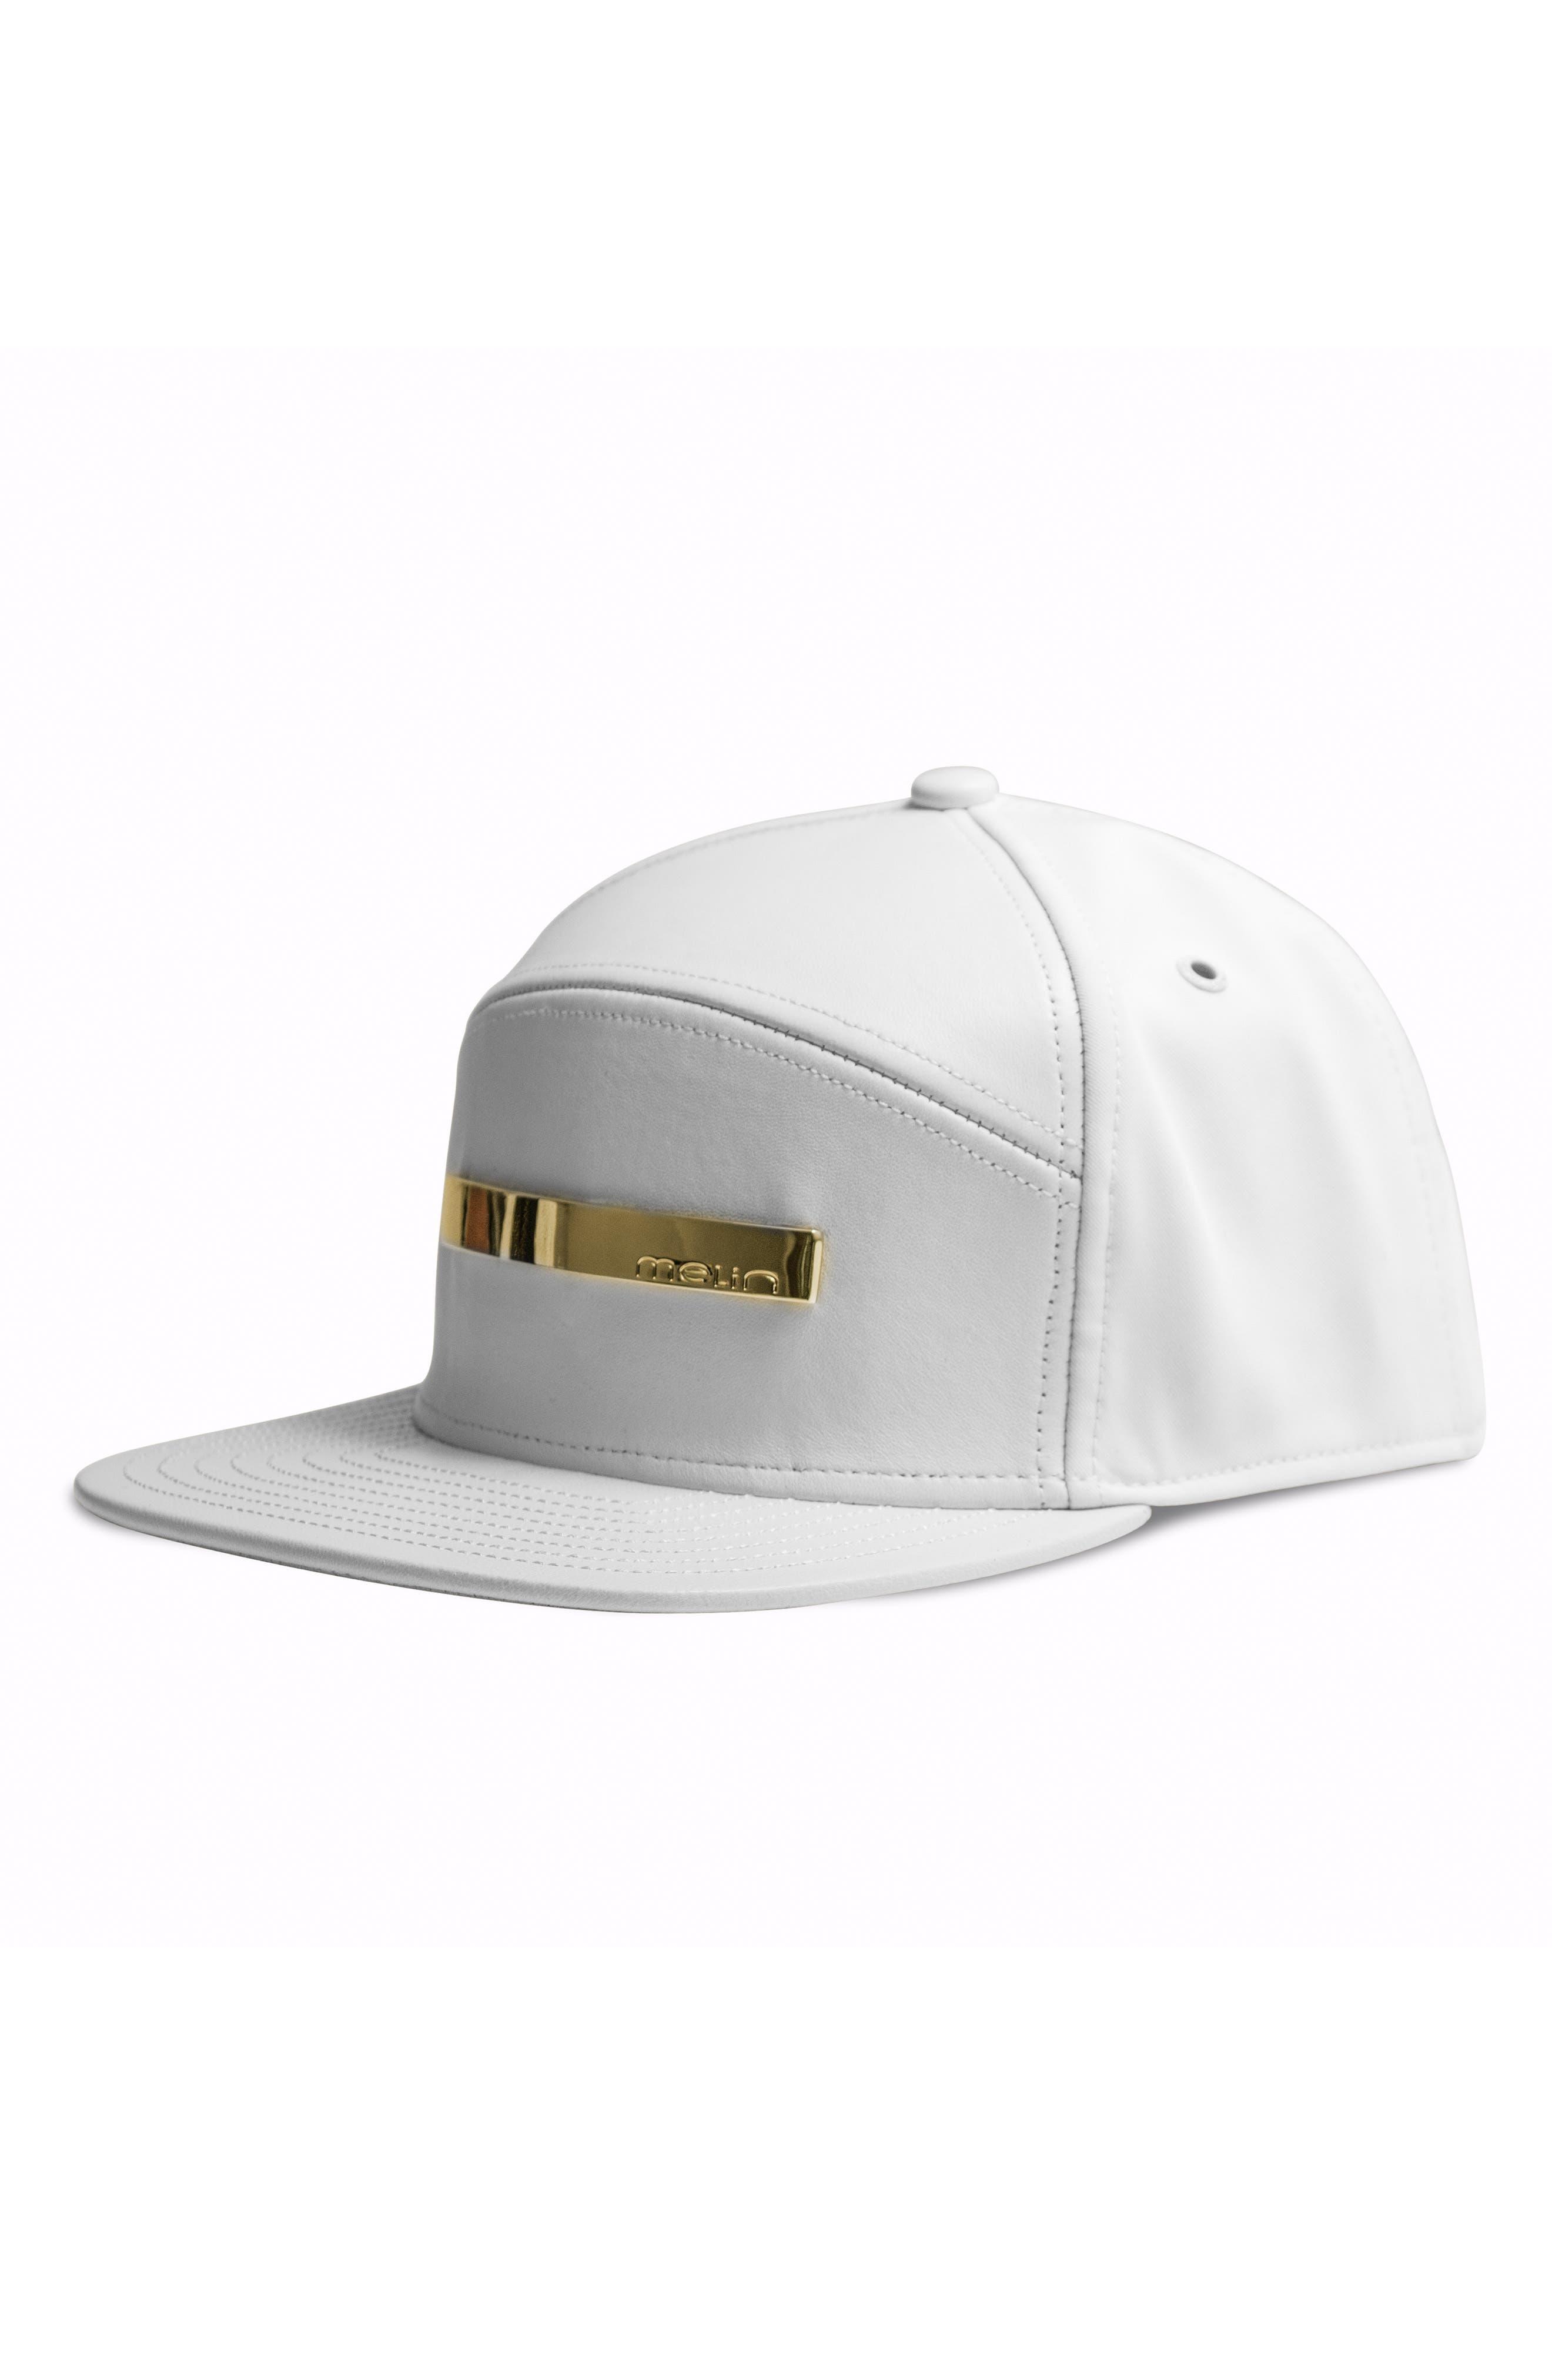 MELIN The Bar Baseball Cap - White in White Gold